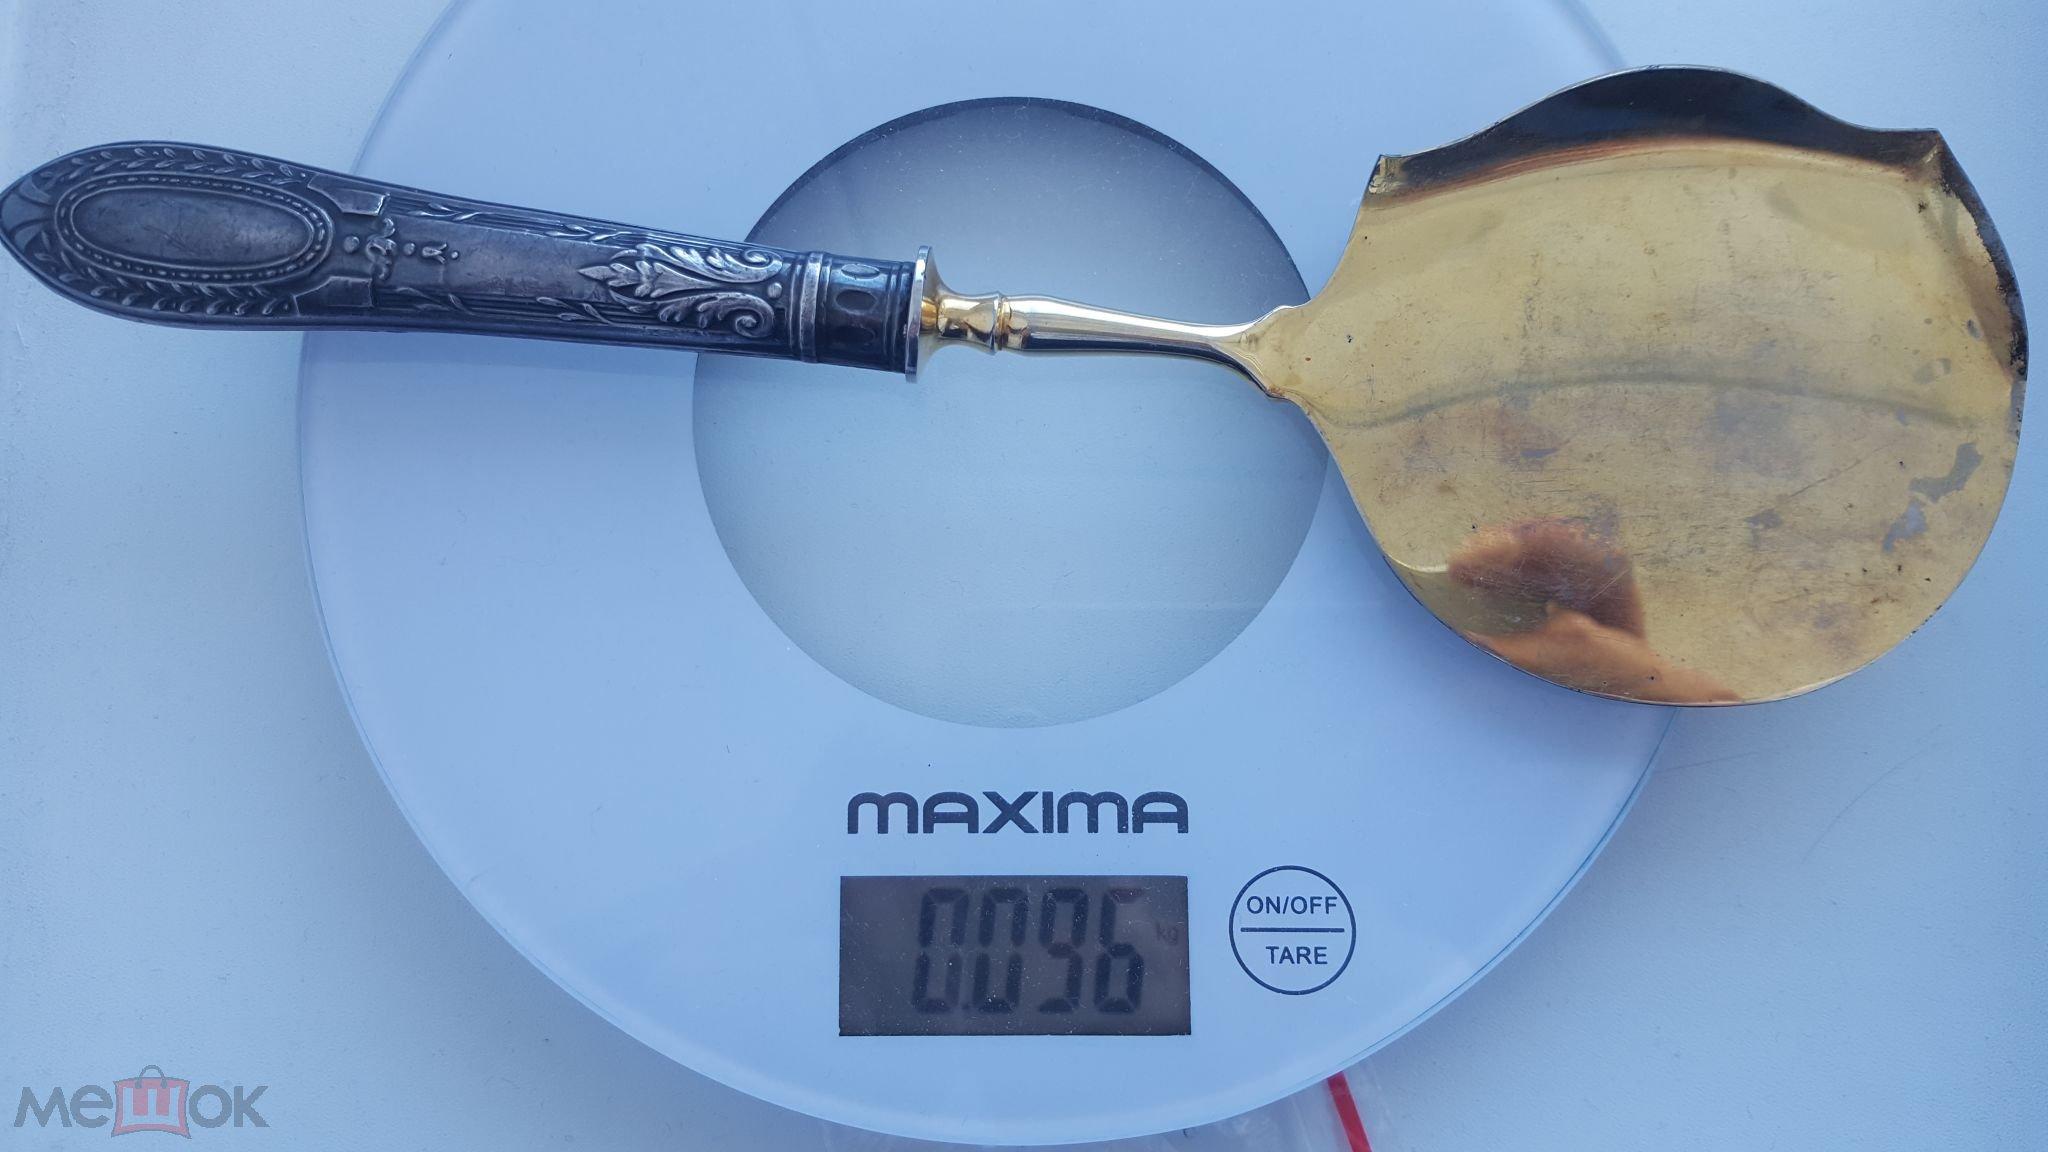 Лопатка столовая ручка серебро 84 пробы, позолота отличное состояние, родной футляр.сохран,